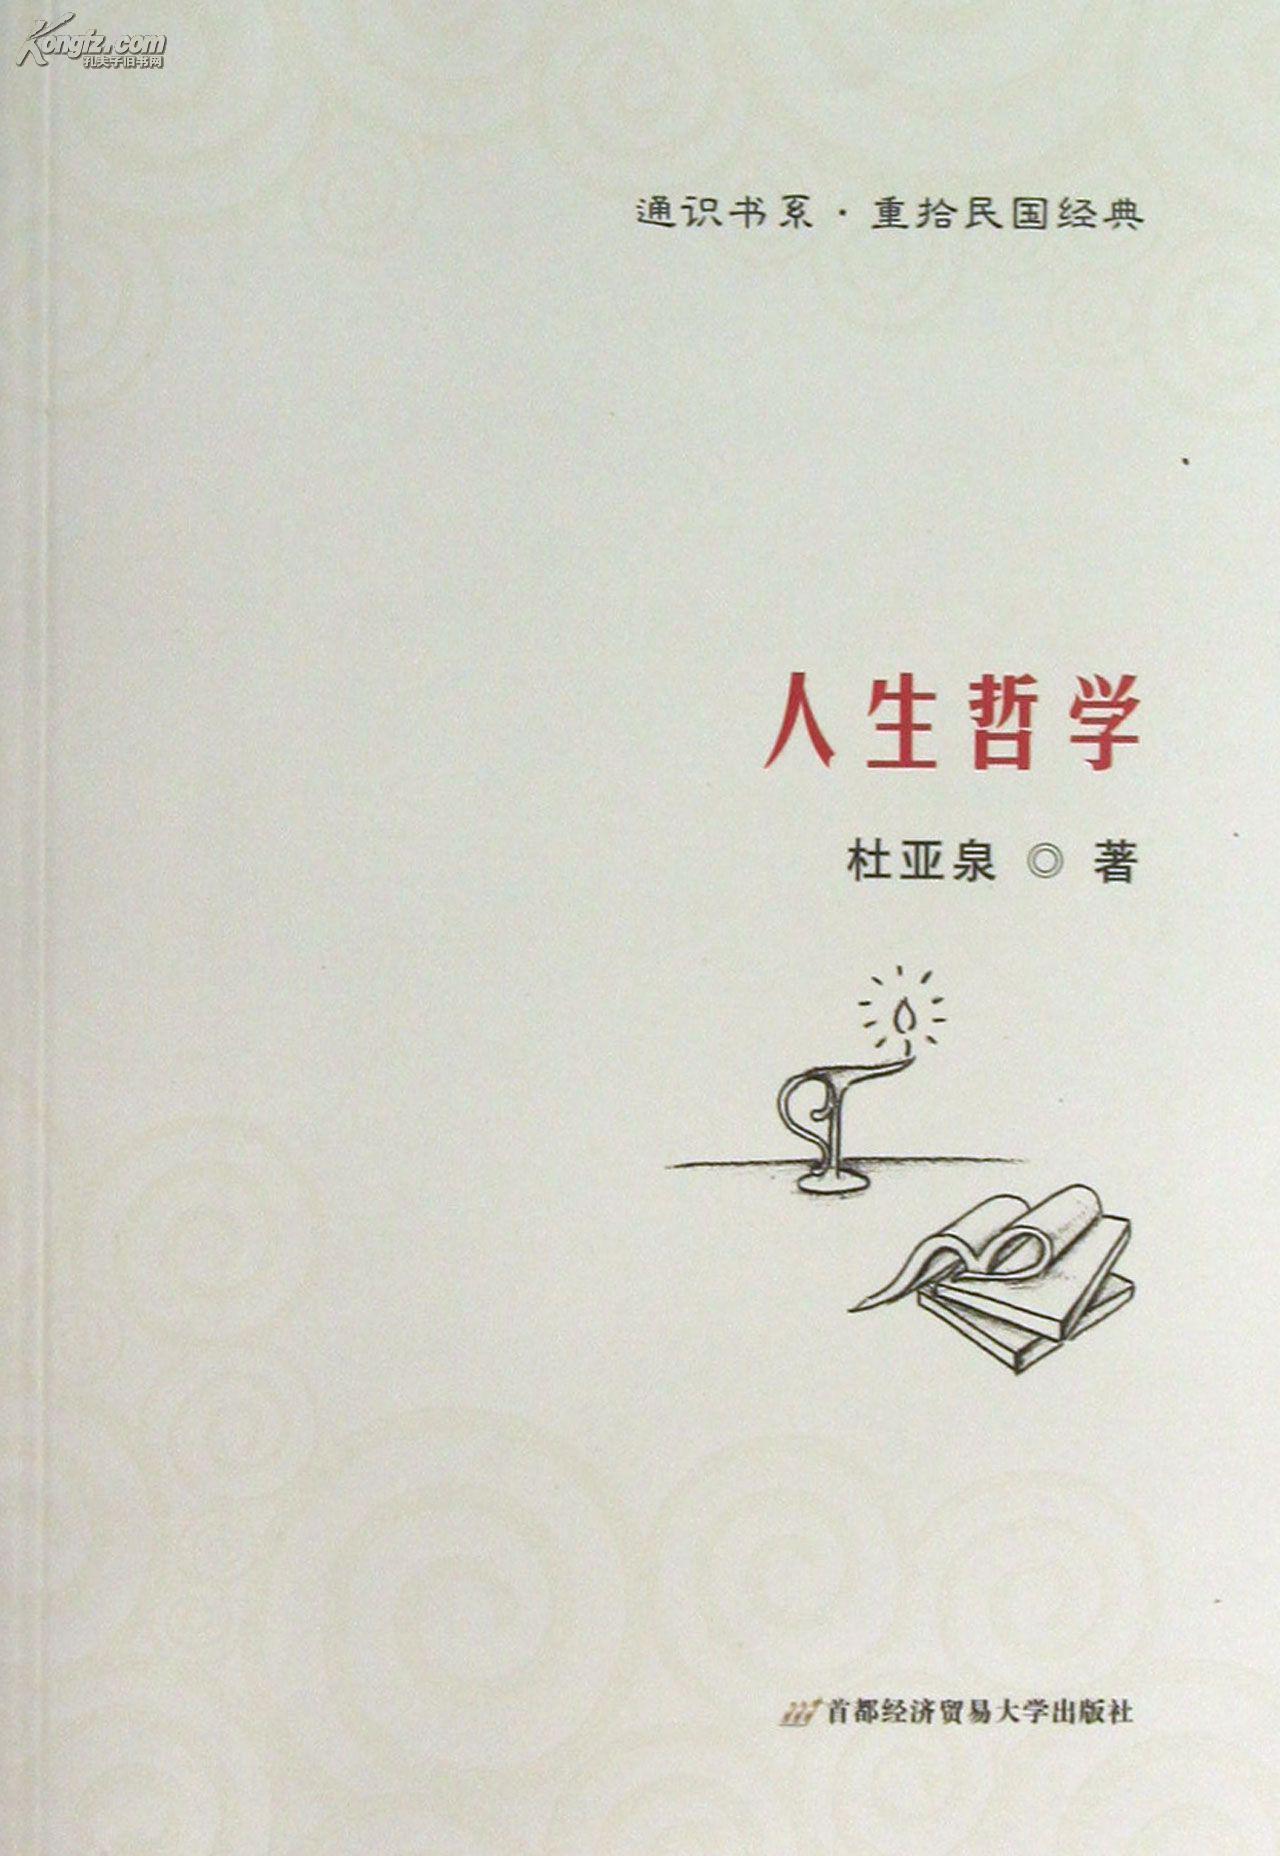 深圳打工huanqi